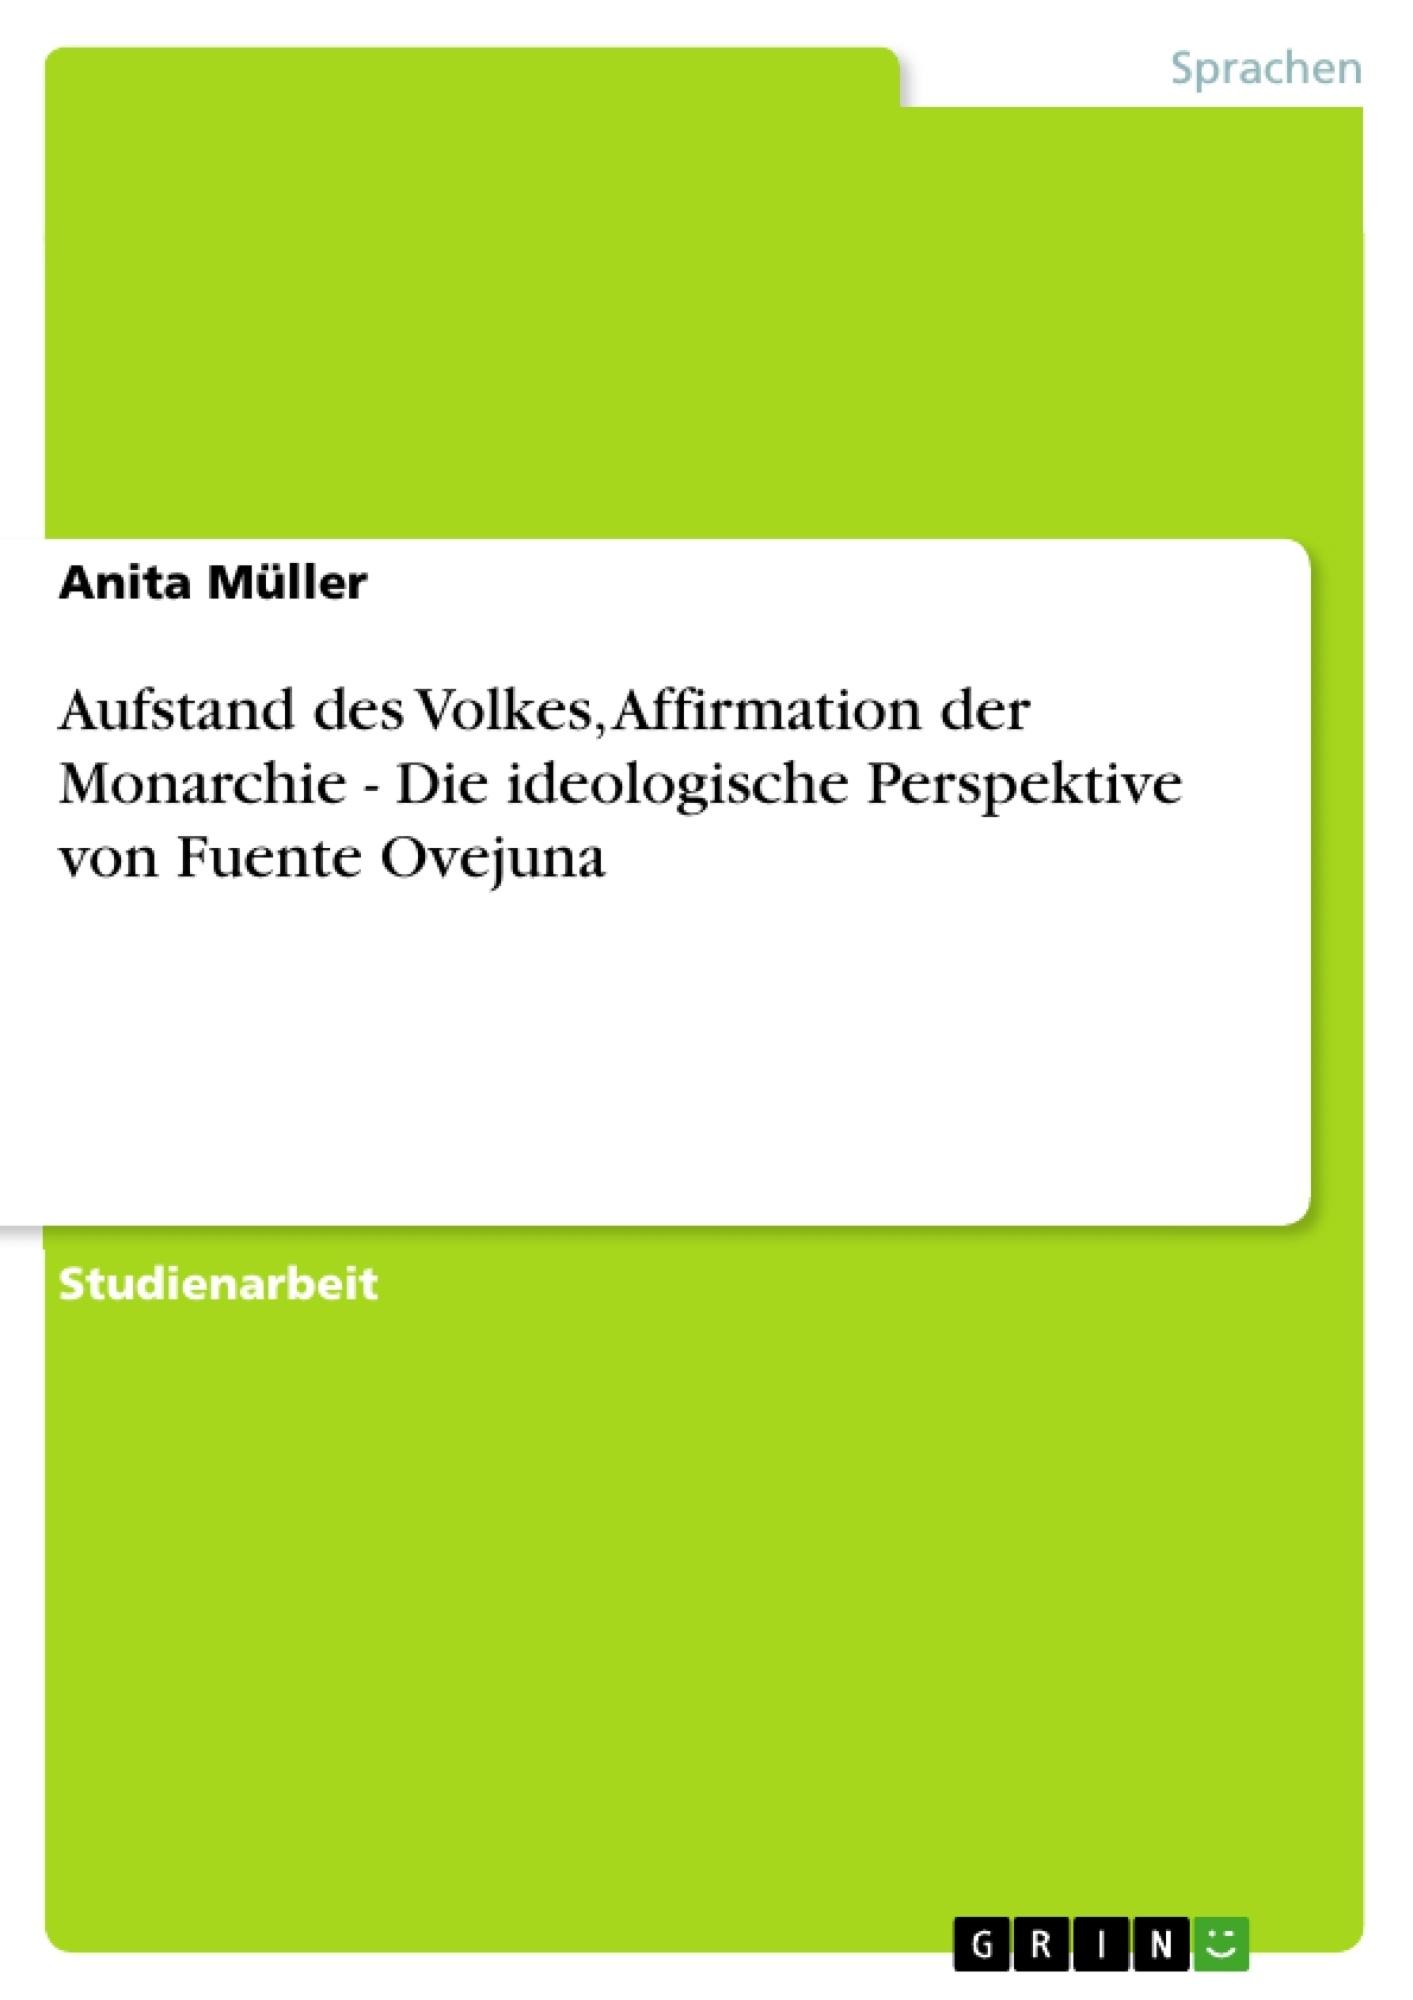 Titel: Aufstand des Volkes, Affirmation der Monarchie - Die ideologische Perspektive von Fuente Ovejuna